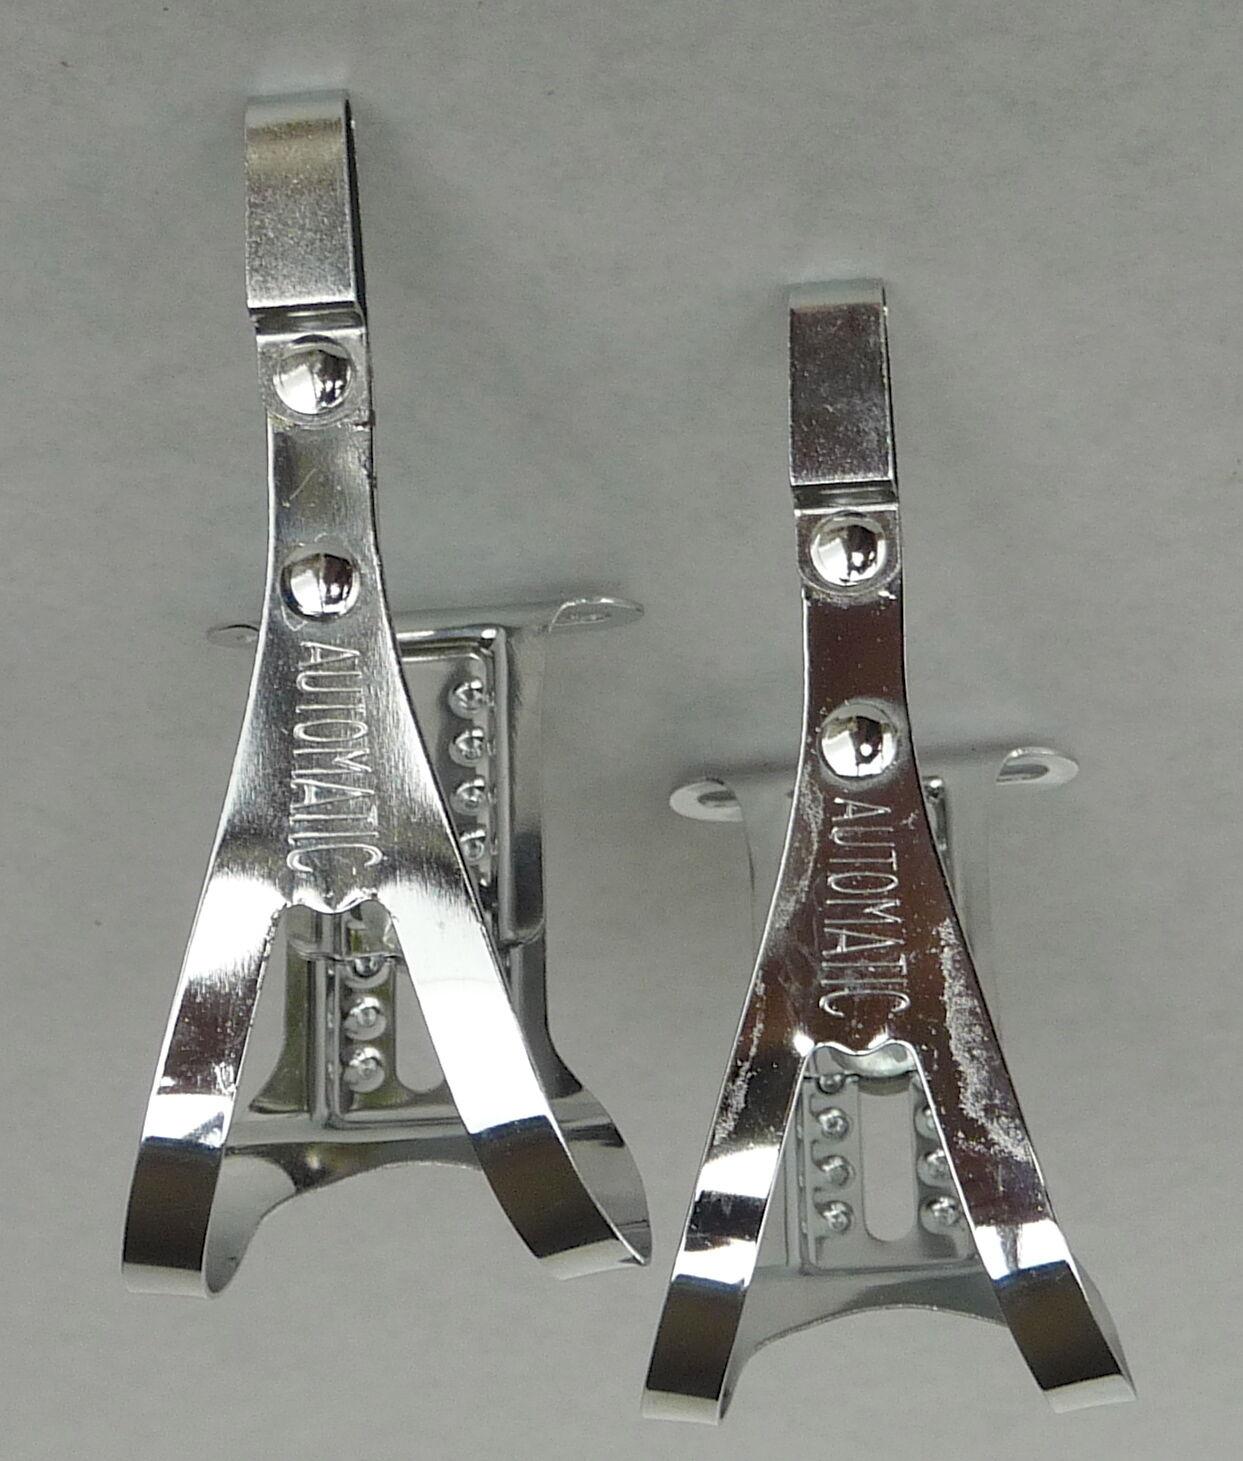 Paturaud Toe Clips for Herse Adjustable Vintage Bke Randonneur for Singer NOS